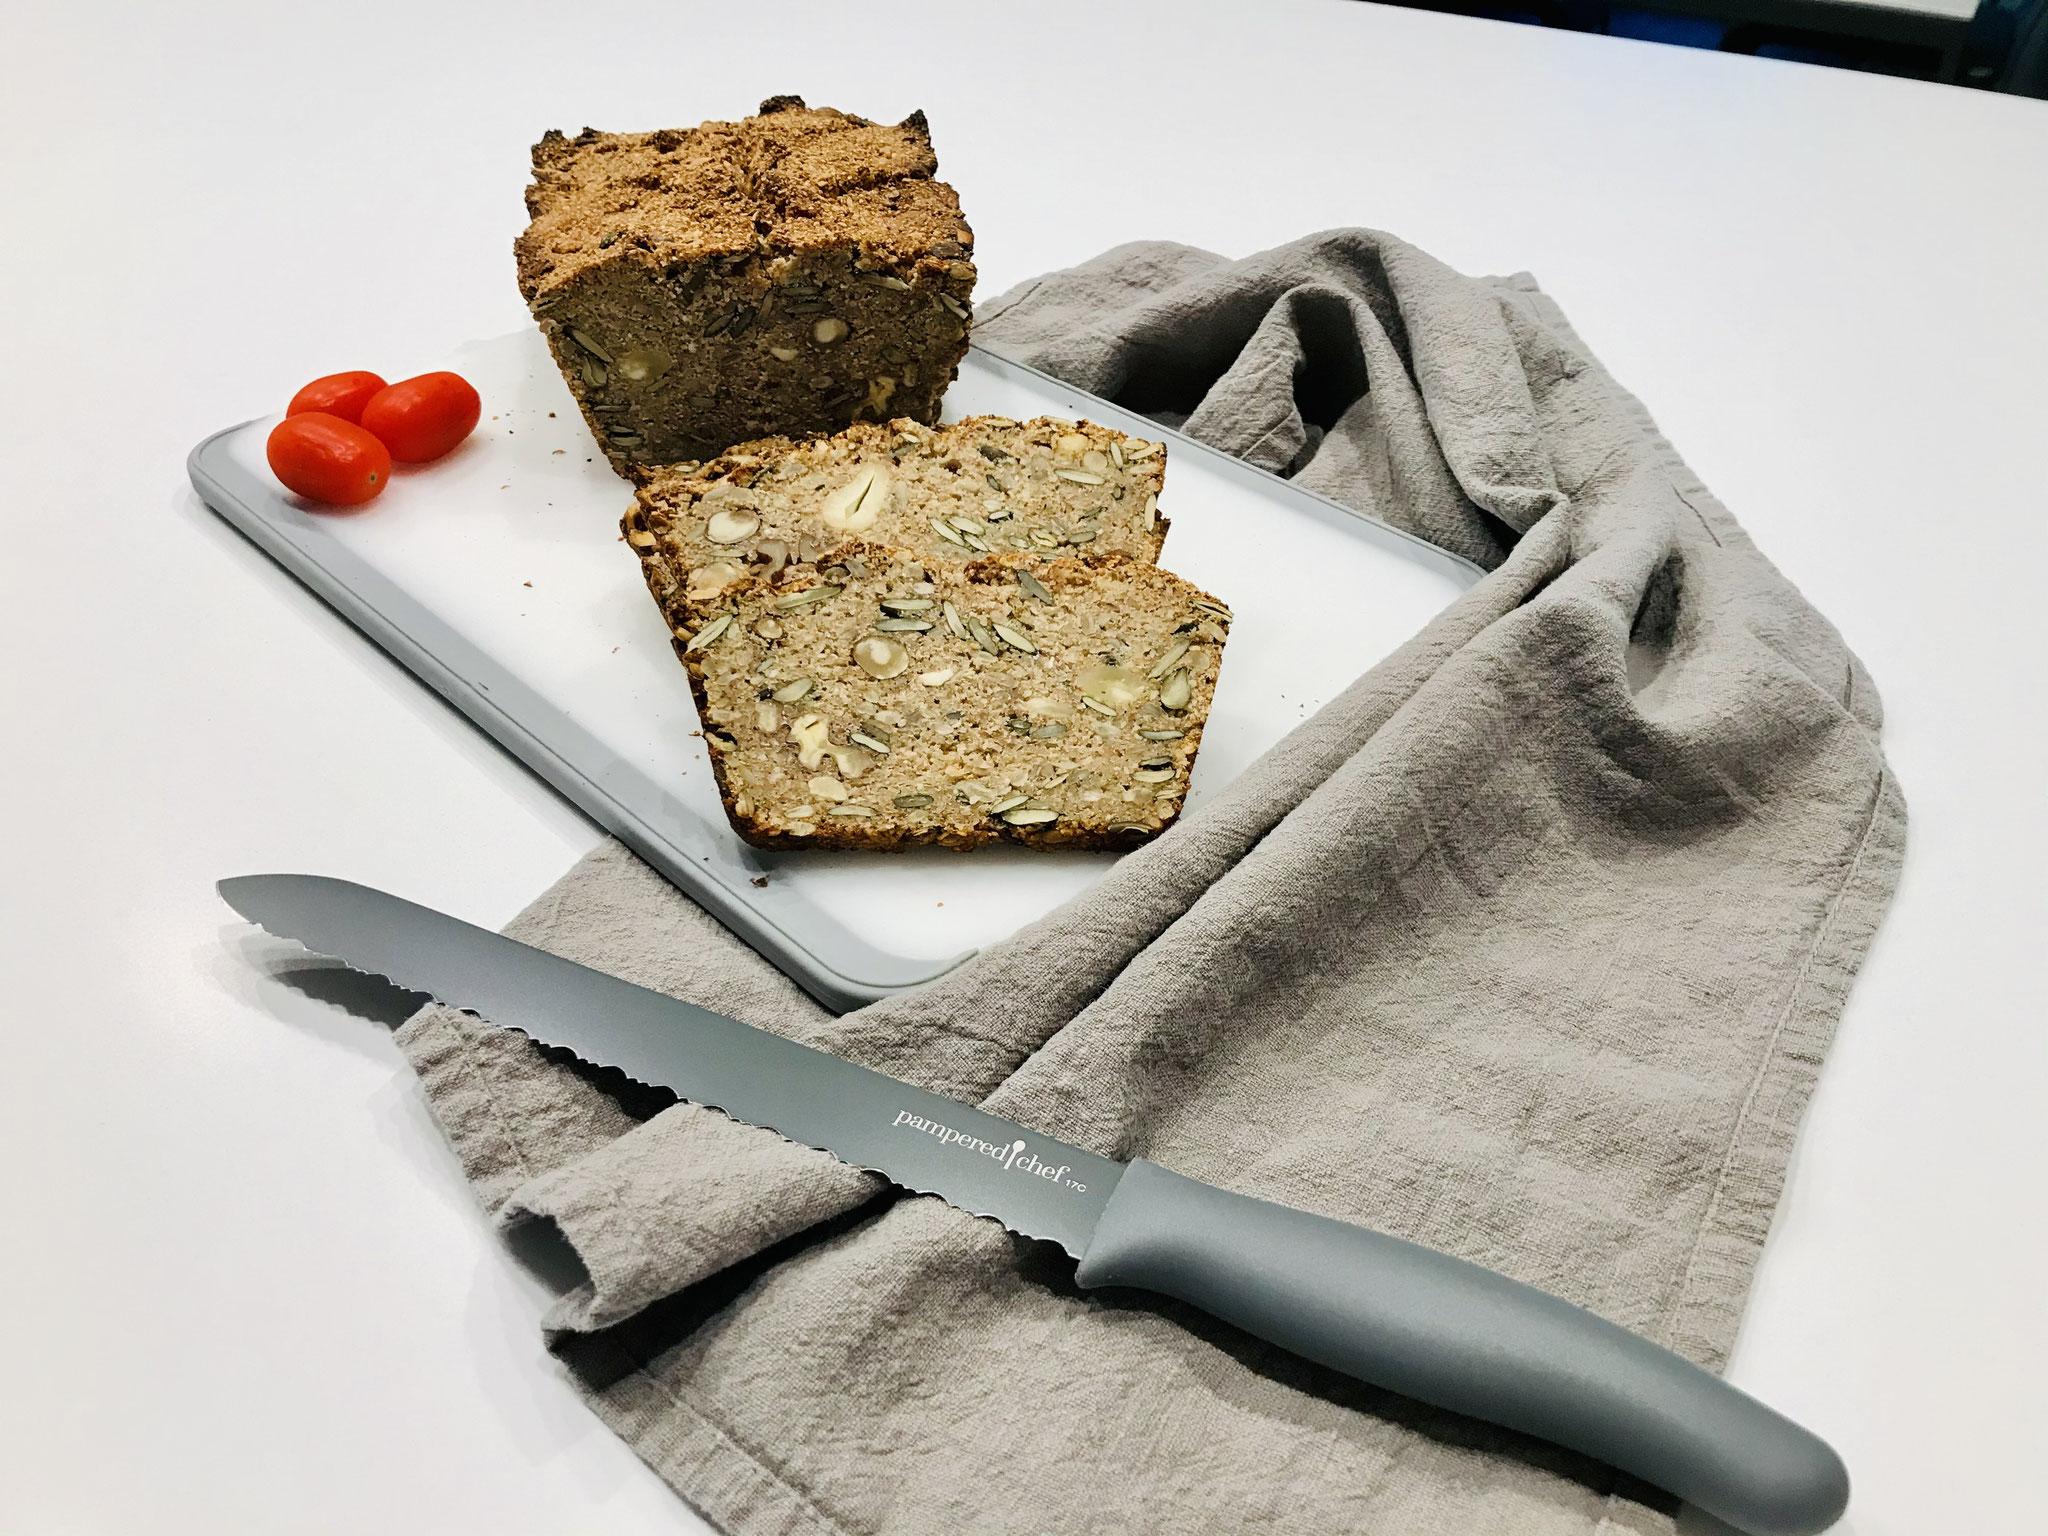 Das ist ein Brot für Menschen die gerne Vollkorn essen und dazu noch den vollen Geschmack von Nüssen mögen.... Saftig und kraftvoll macht es dich satt... ♥